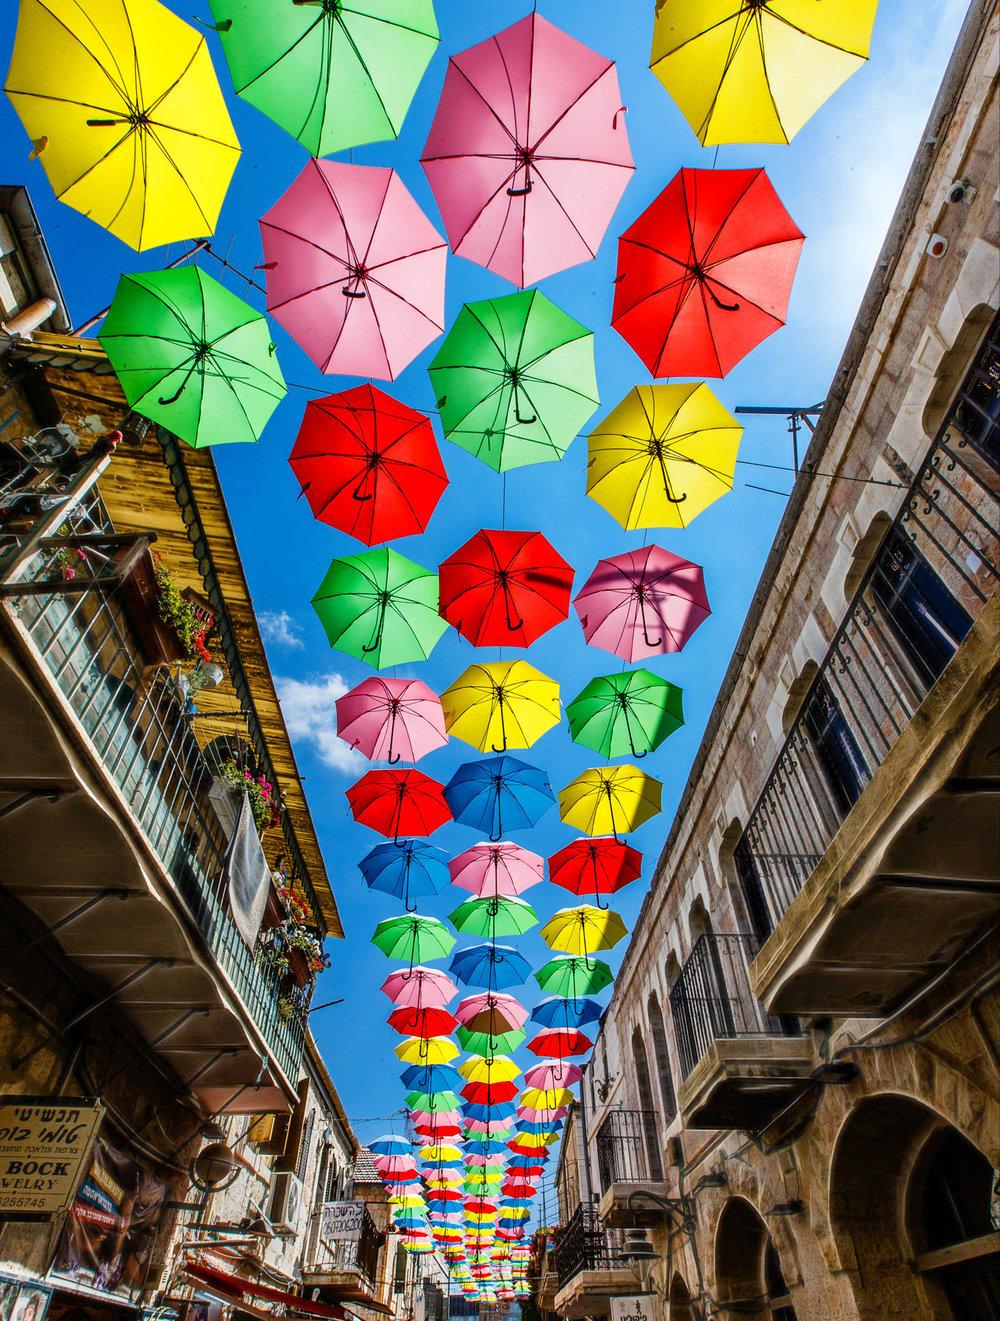 Jerusalem Umbrellas